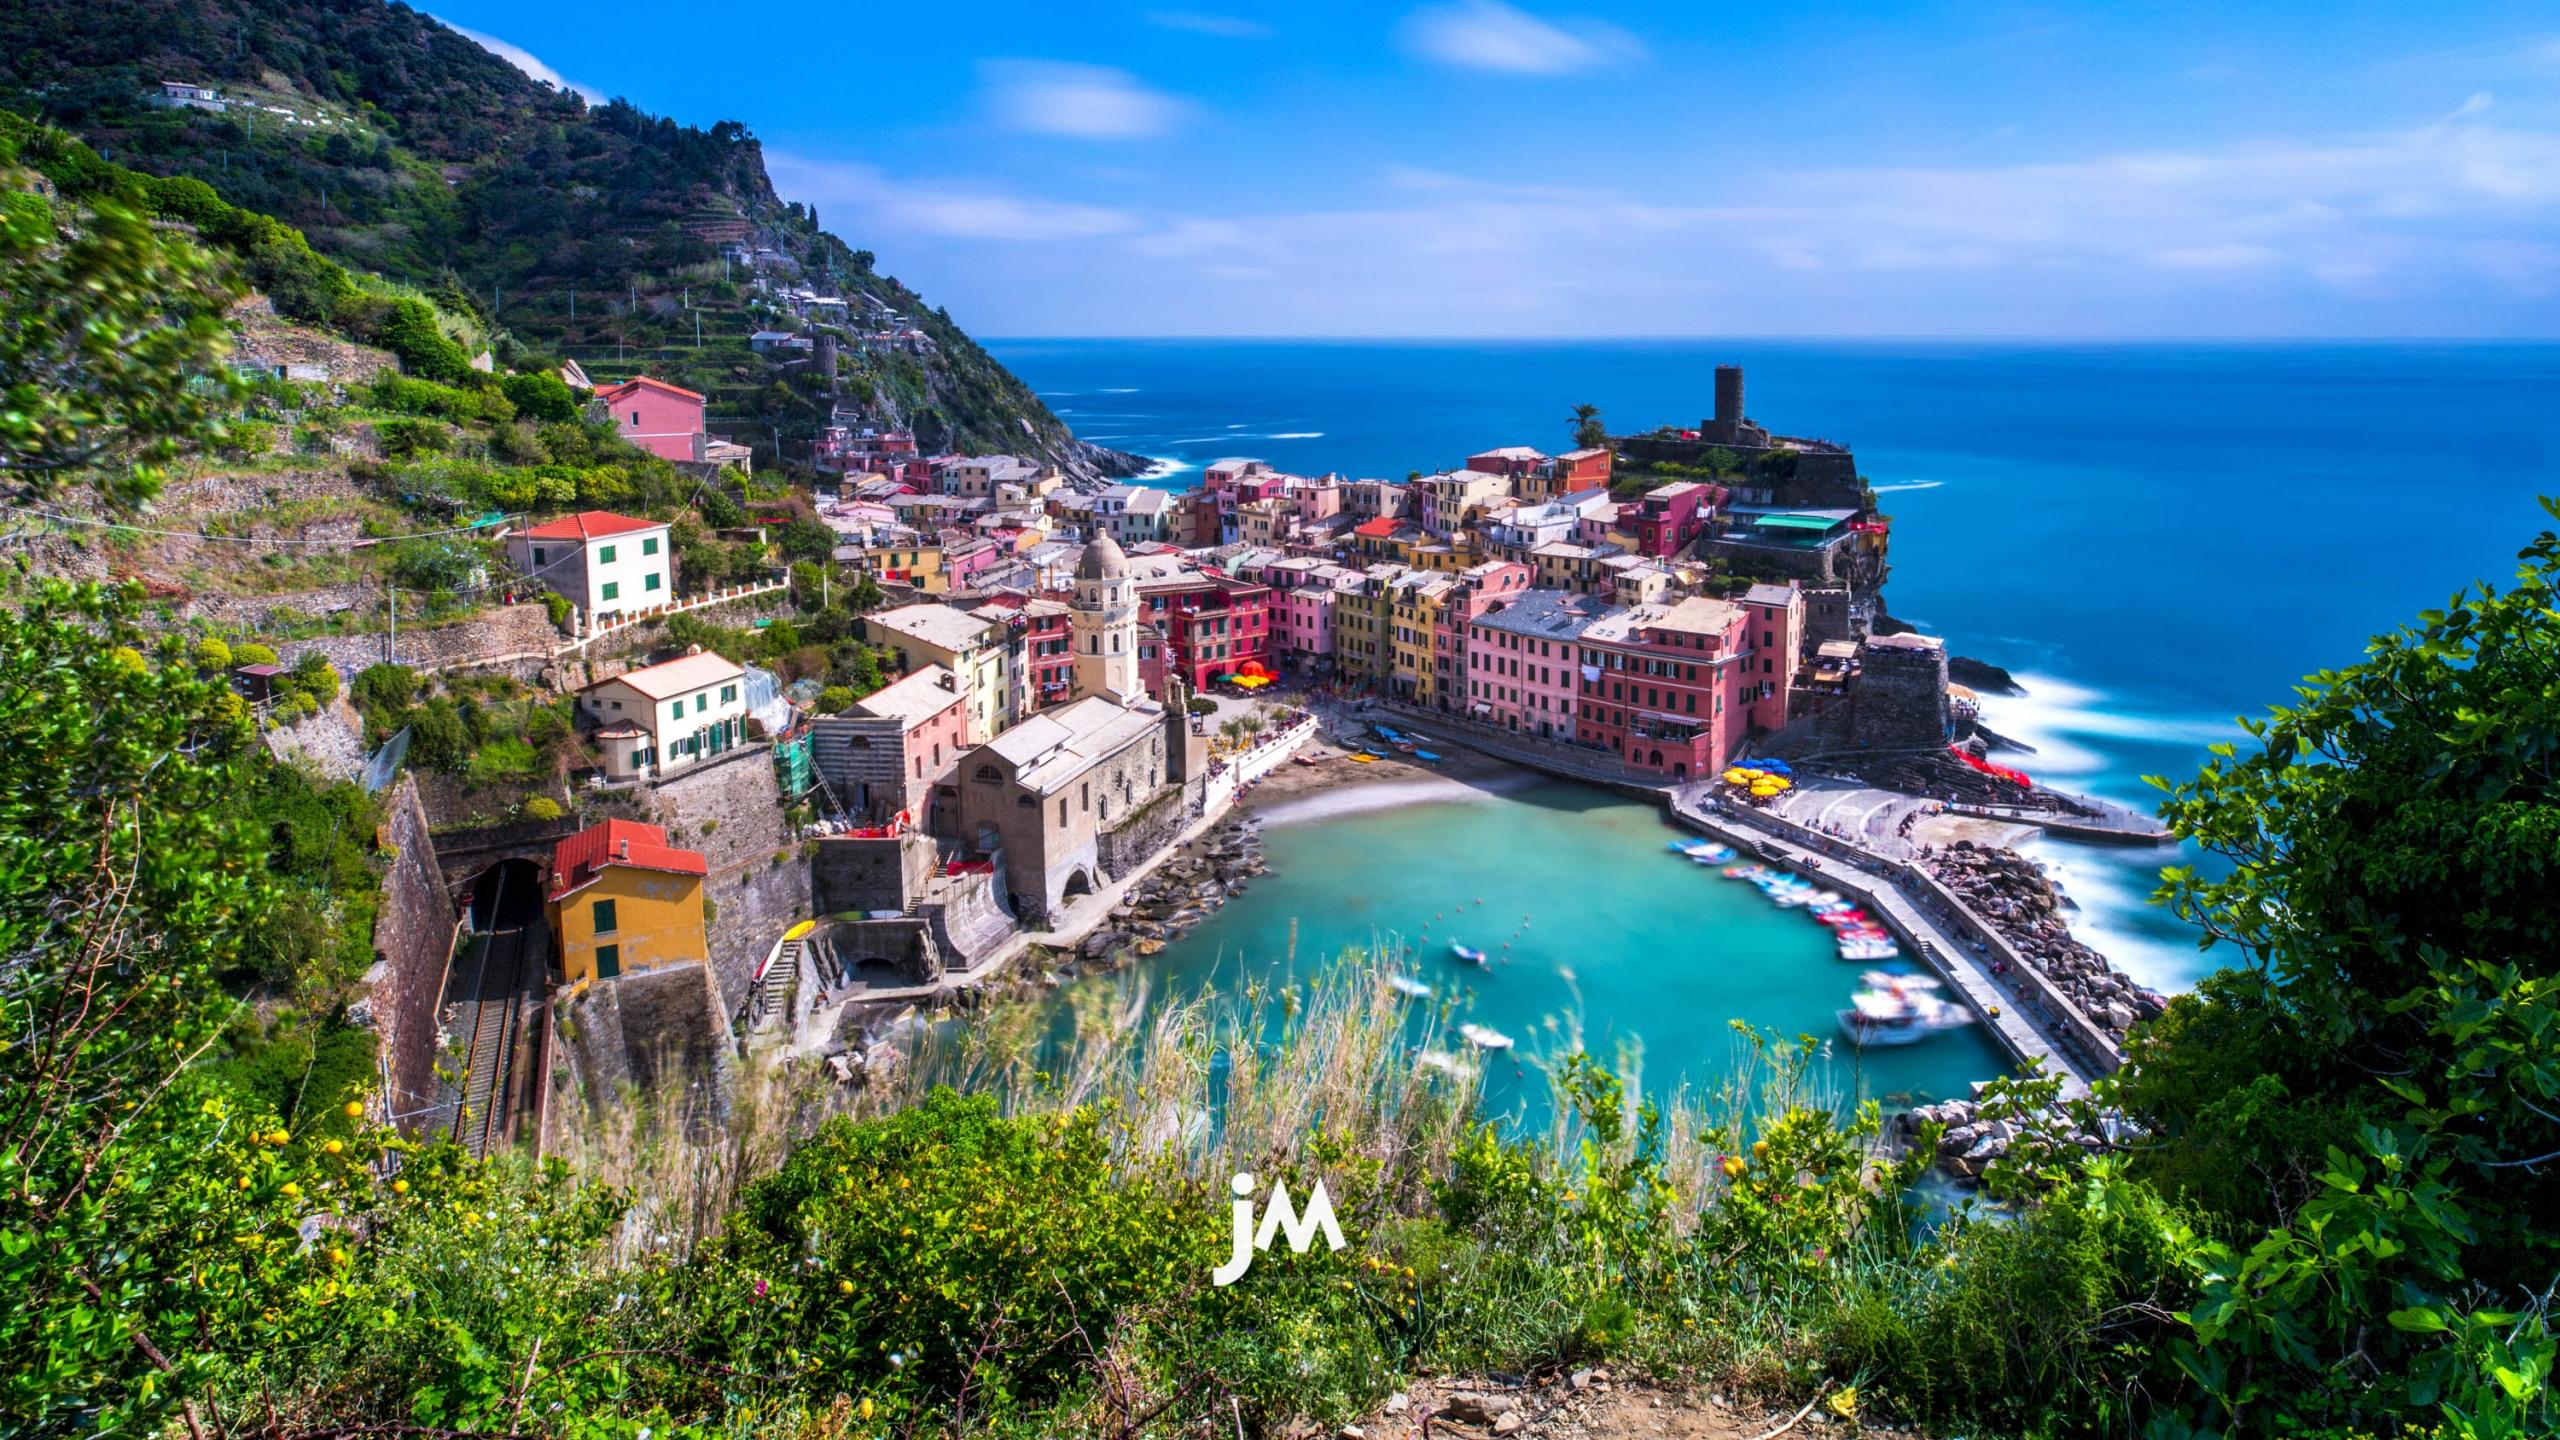 Italy, Cinque Terre Fishing Village